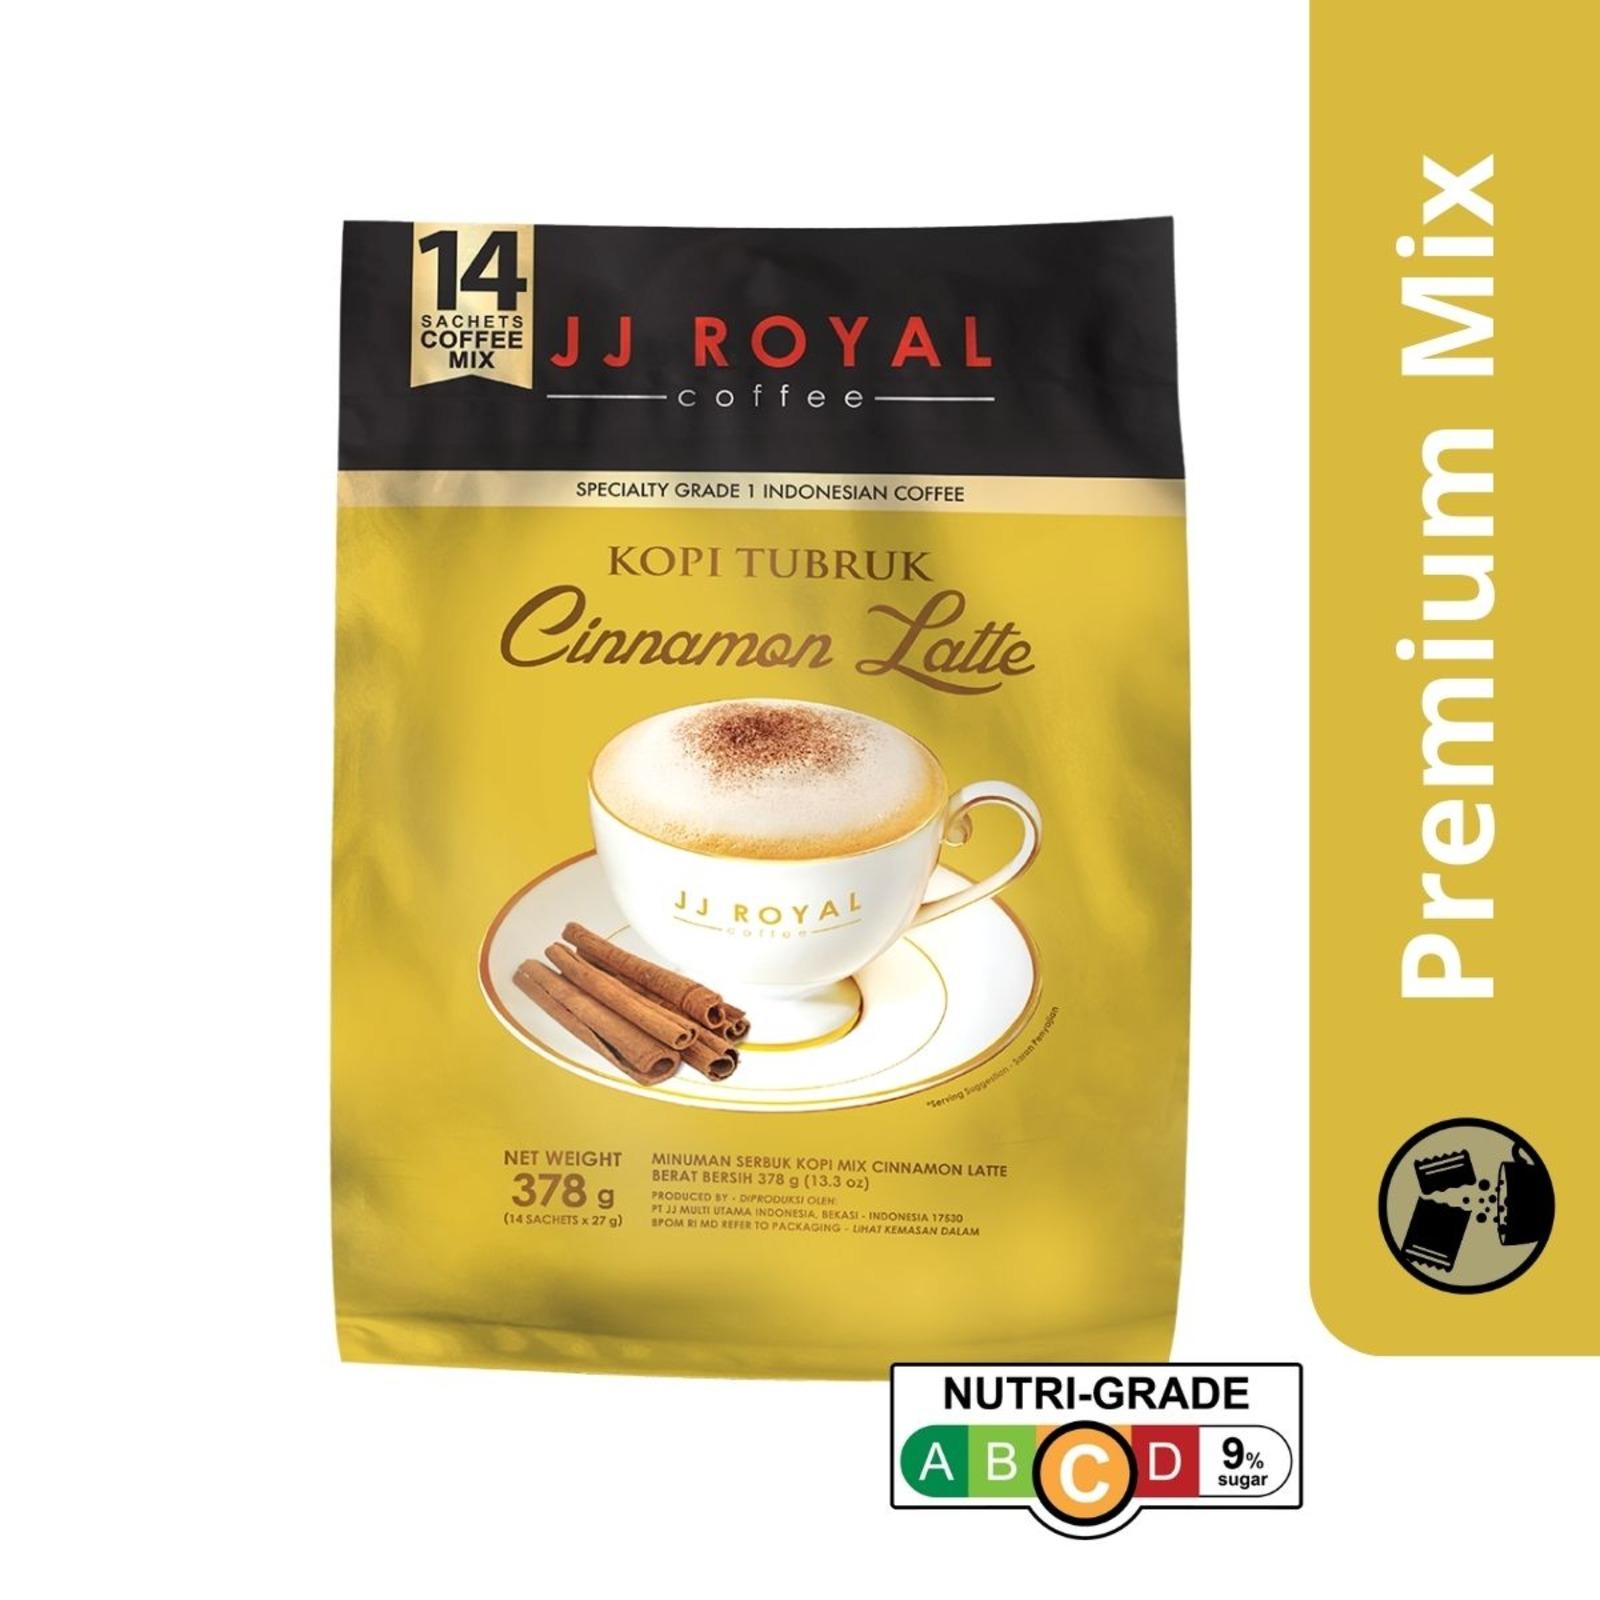 JJ Royal Coffee - Cinnamon Latte (Premix)